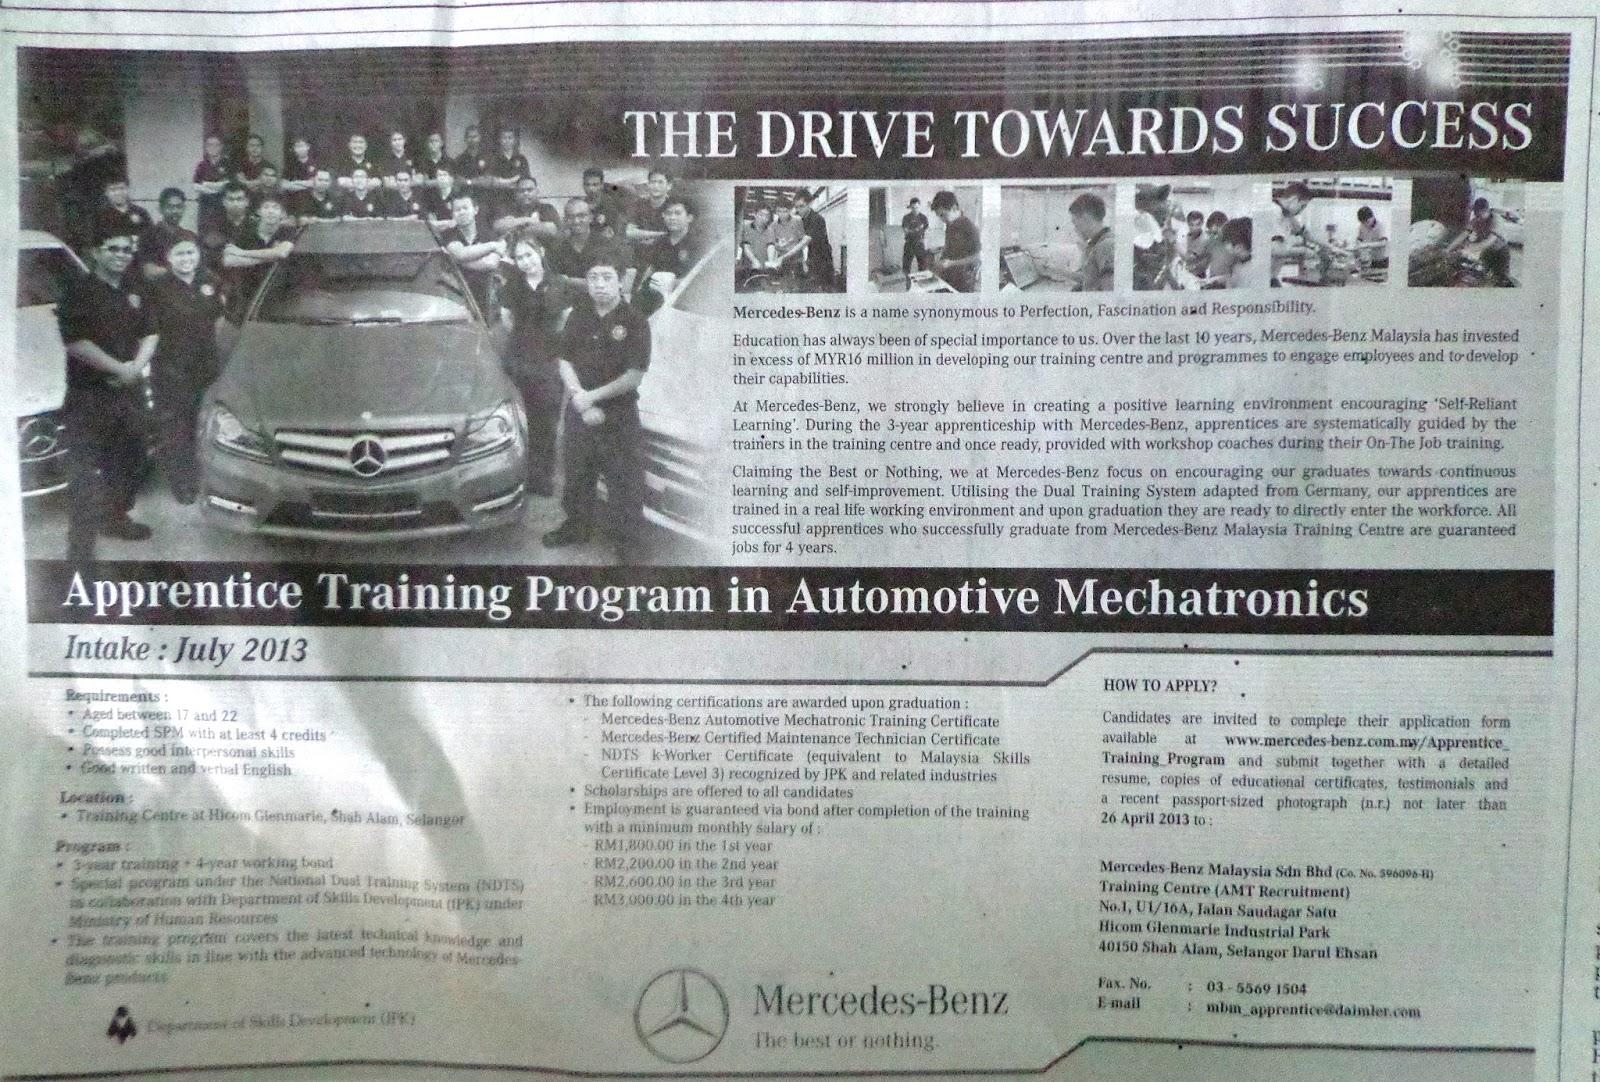 Pengajar april 2013 for Mercedes benz interview questions